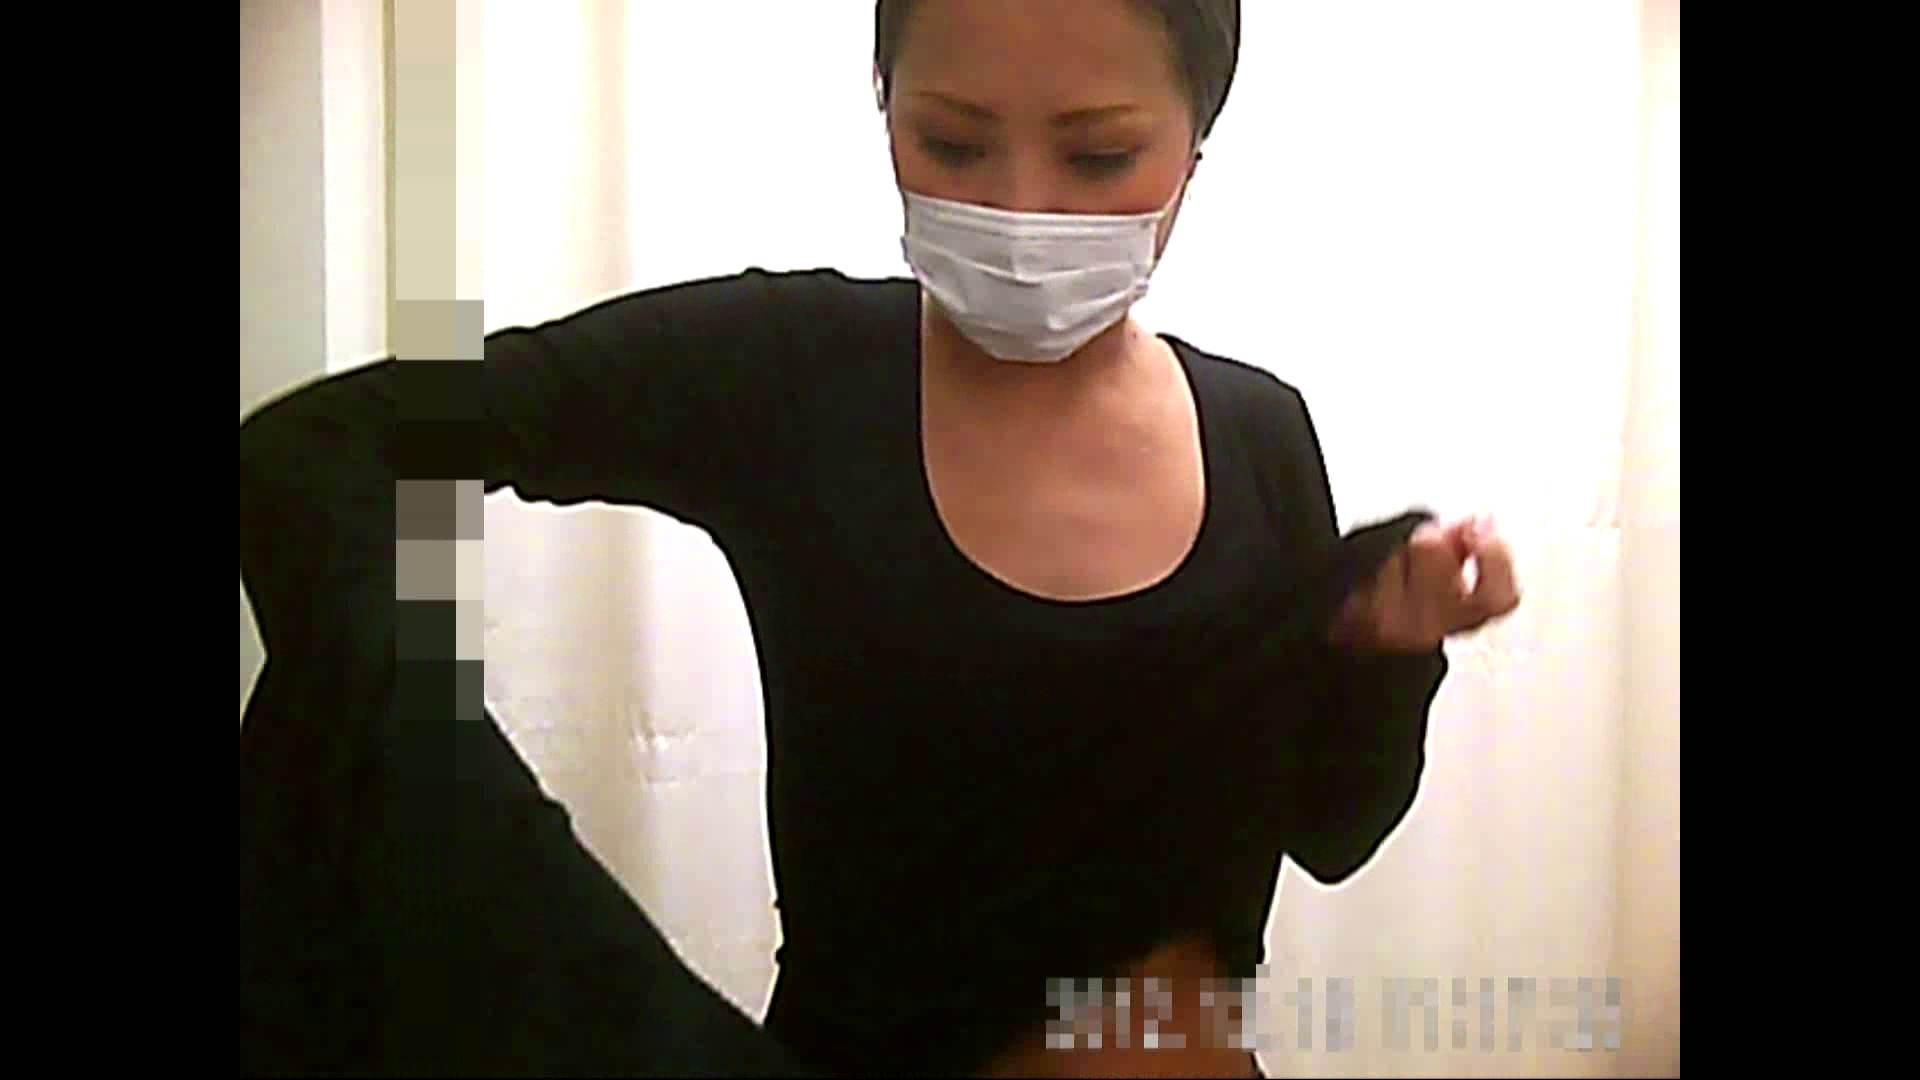 元医者による反抗 更衣室地獄絵巻 vol.115 OL  81pic 24